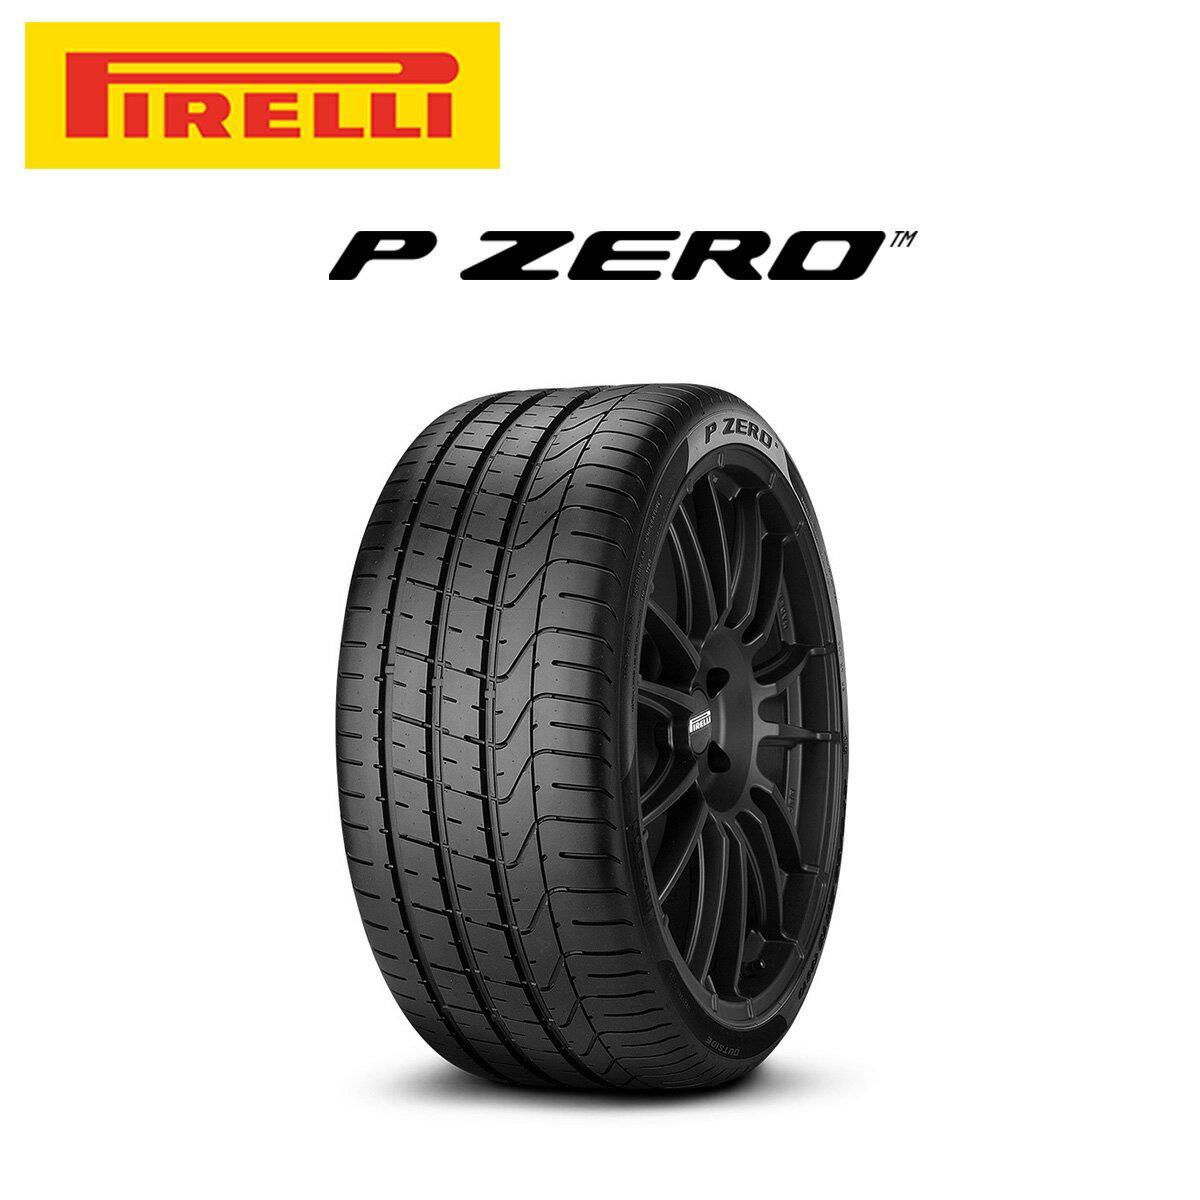 ピレリ PIRELLI P ZERO ピーゼロ 20インチ サマー タイヤ 1本 285/40R20 104Y ★:BMW MINI承認タイヤ 2422600